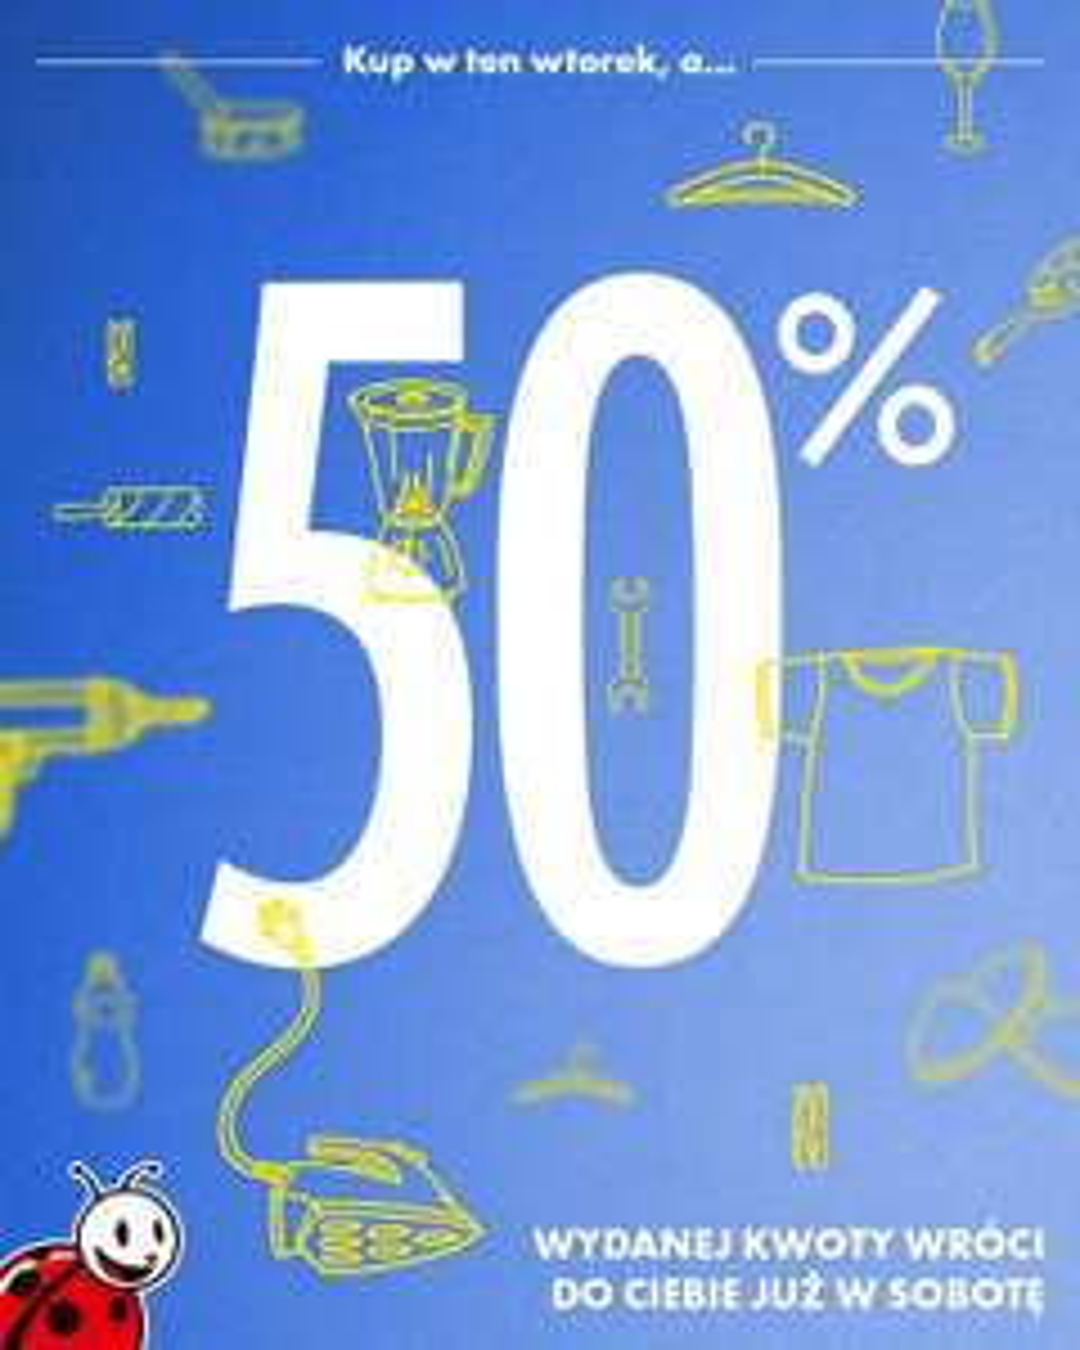 Biedronka kolejny raz daje Vouchery do 50% wartości wybranych art. przemysłowych @biedronka